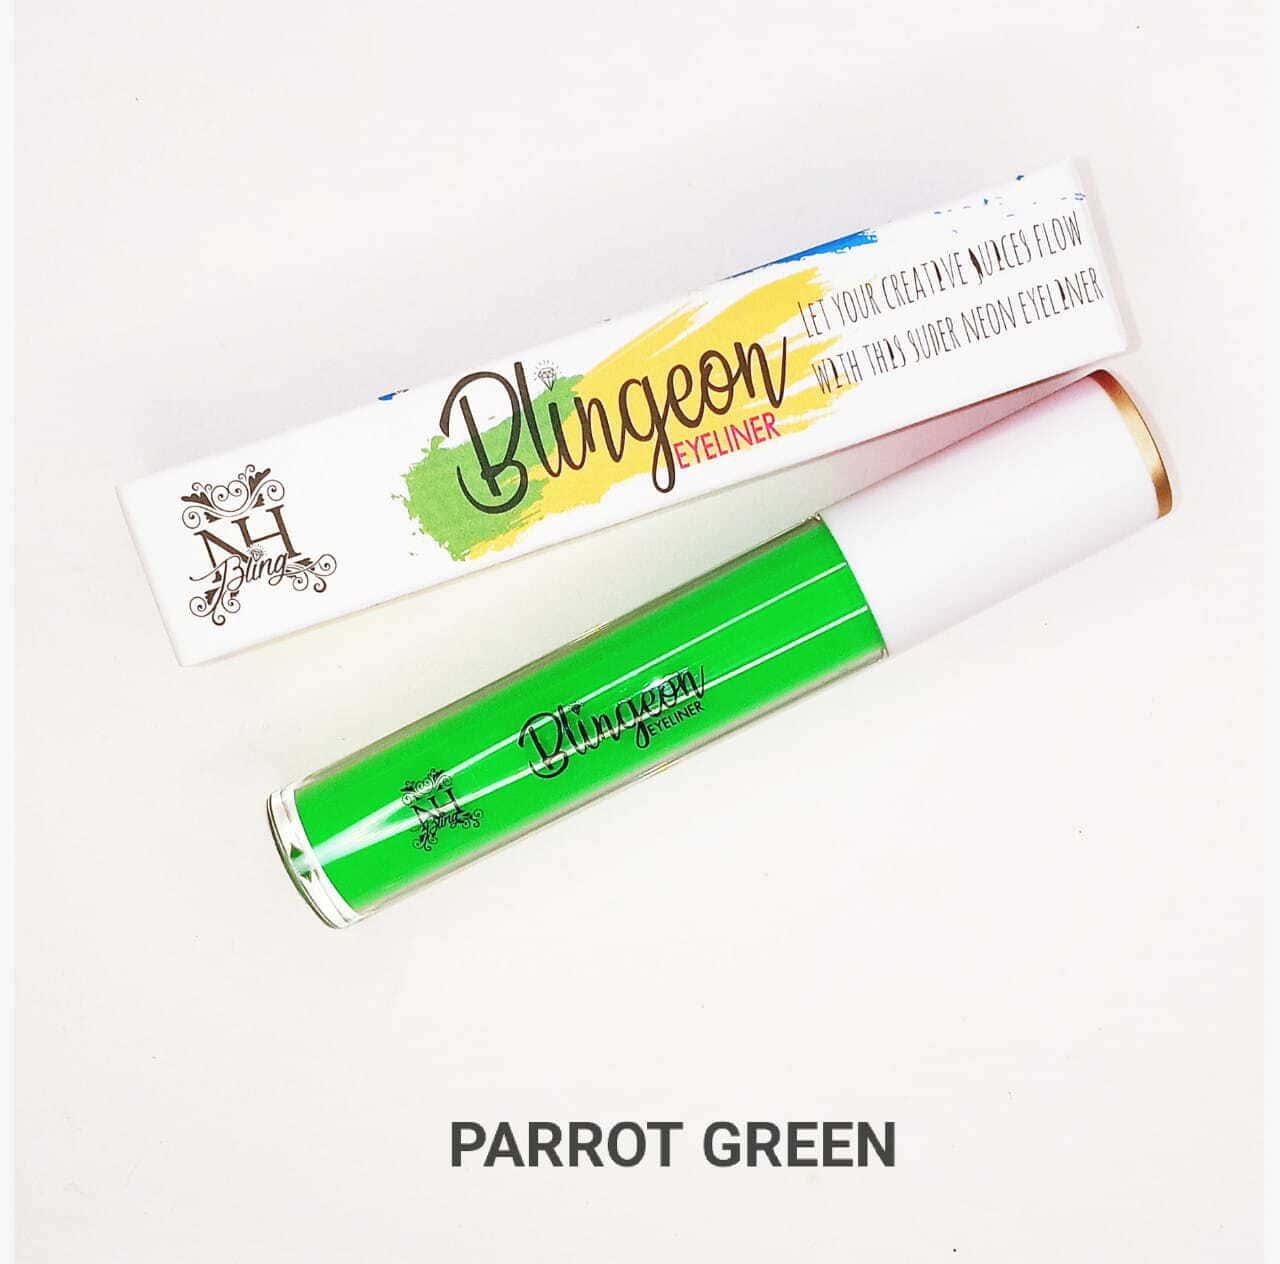 parrot_green